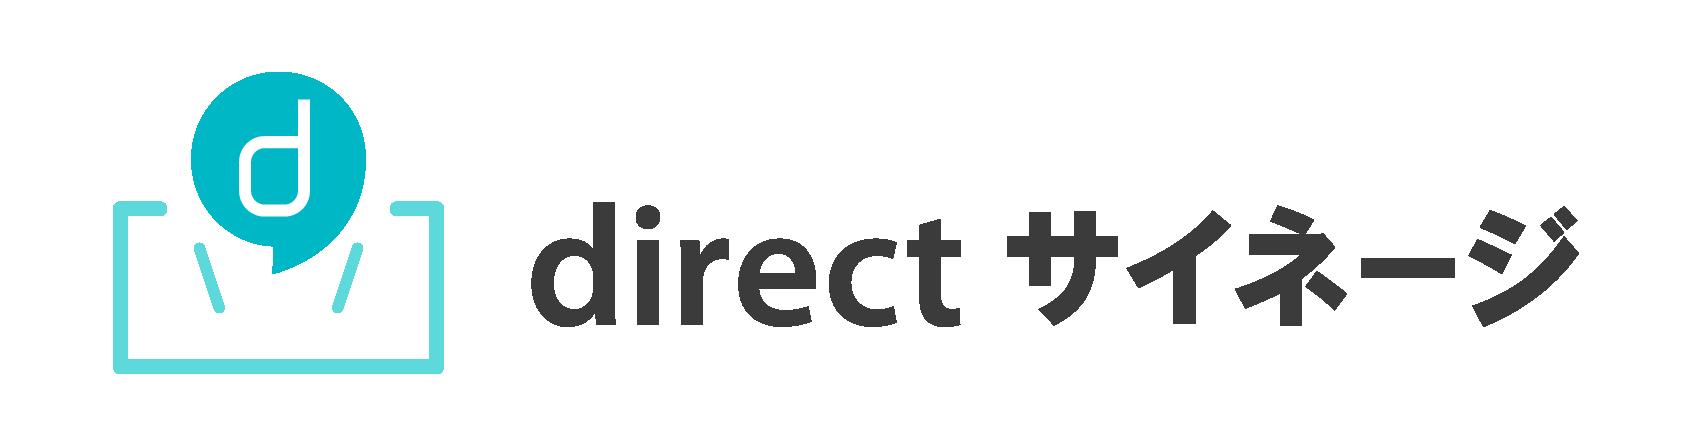 directサイネージロゴ